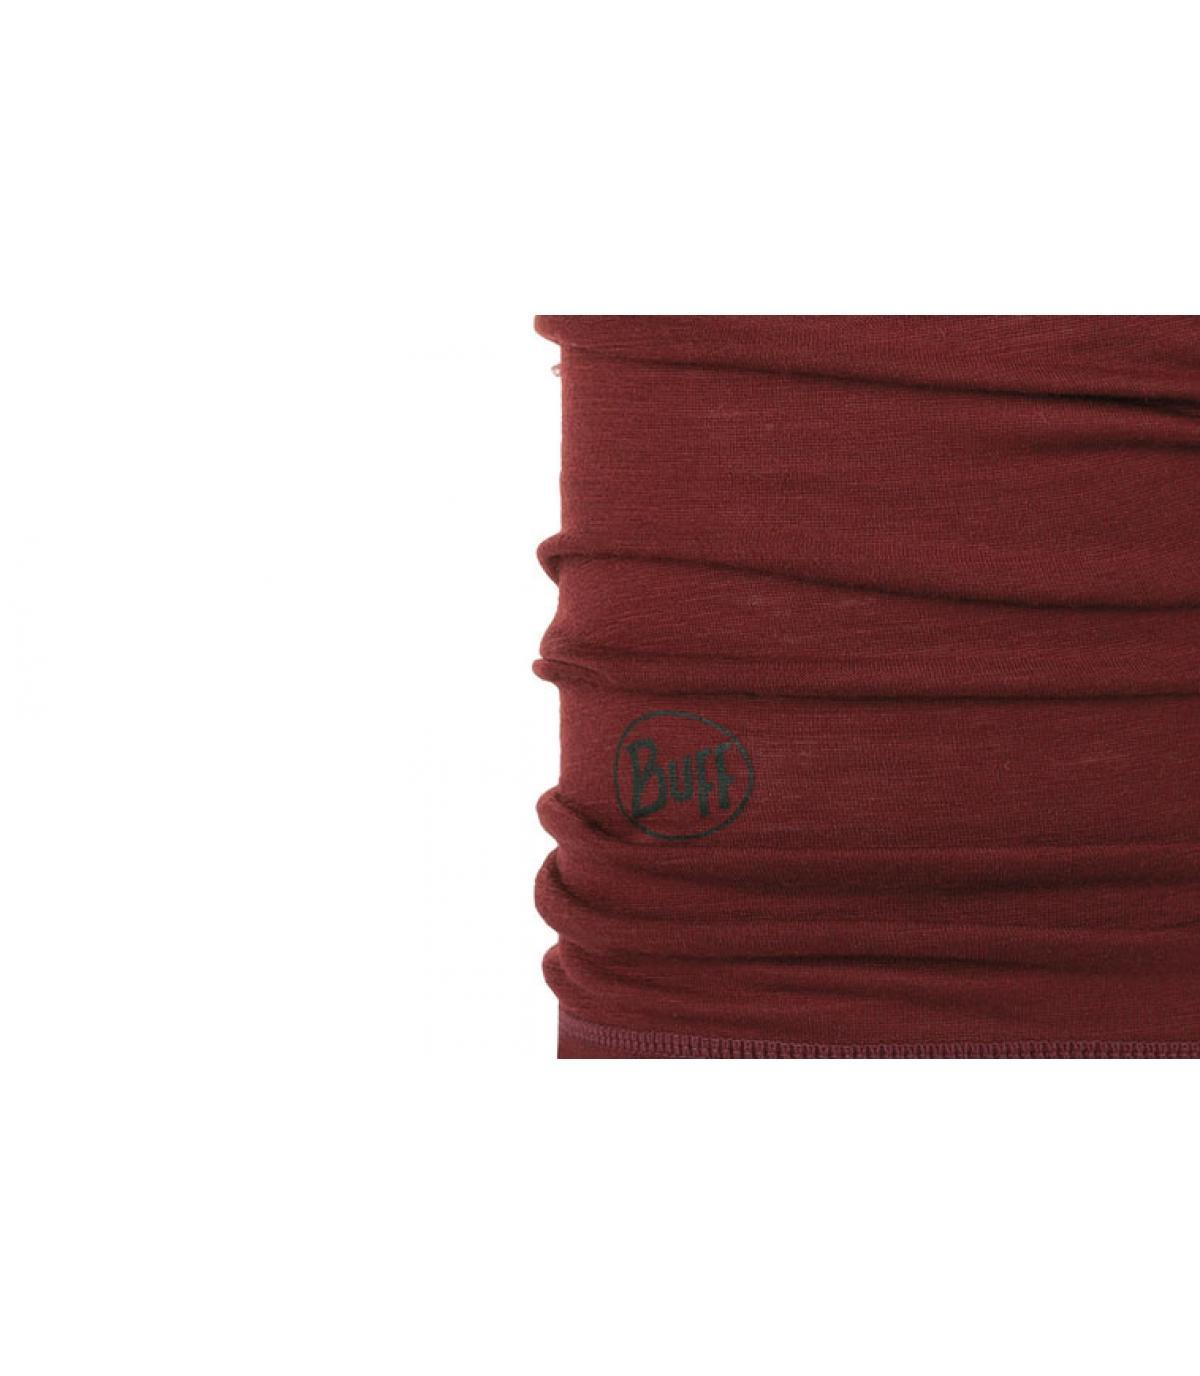 Detalles Lightweight Merino Wool solid wine imagen 2